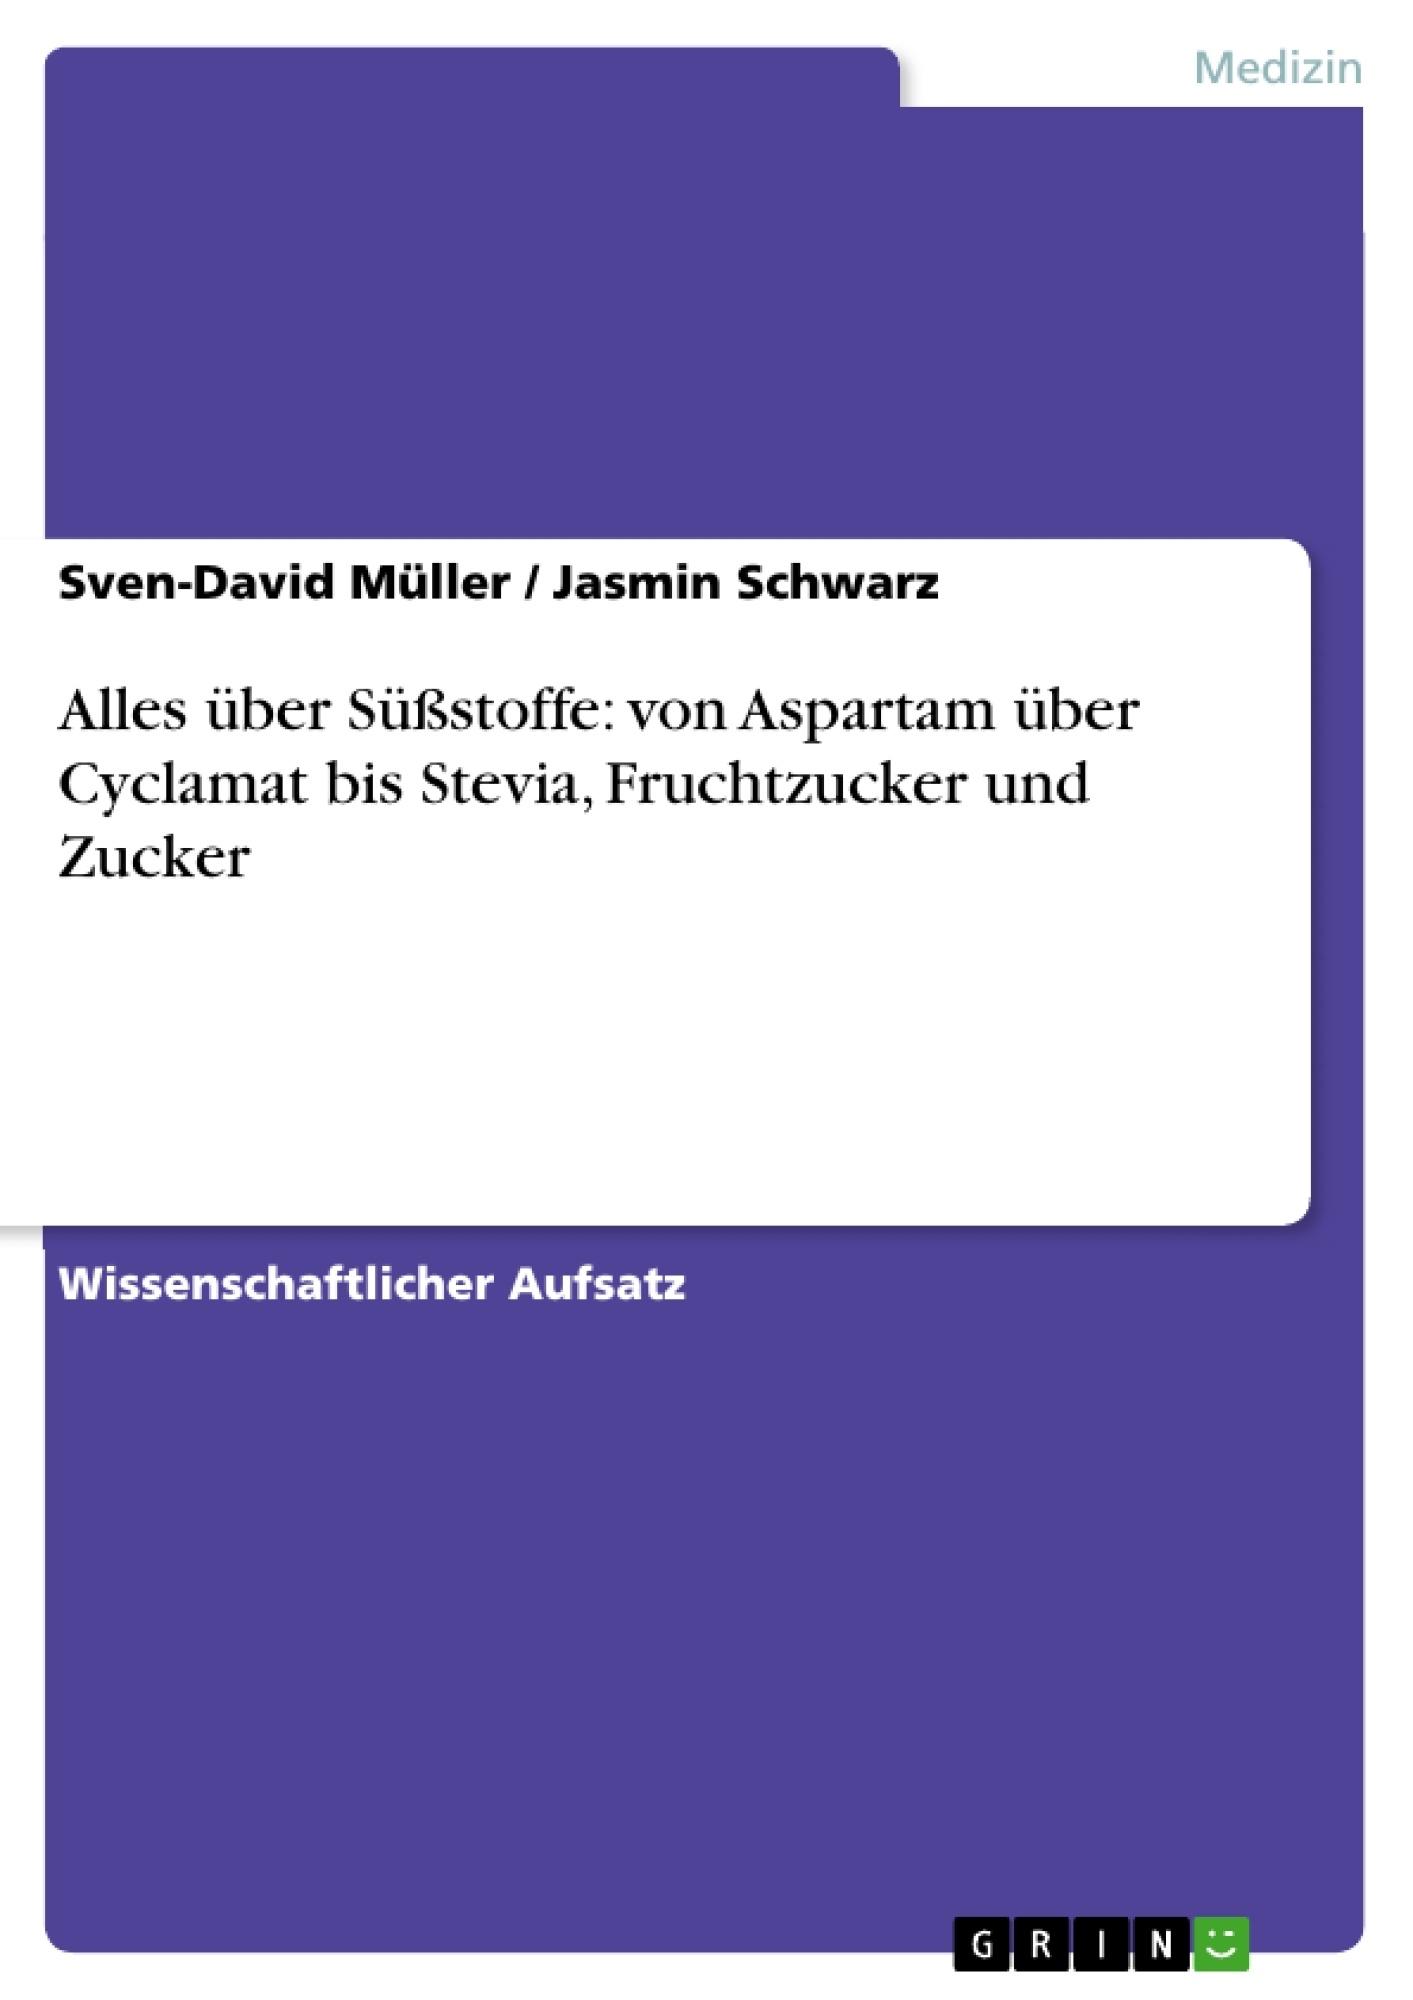 Titel: Alles über Süßstoffe: von Aspartam über Cyclamat bis Stevia, Fruchtzucker und Zucker